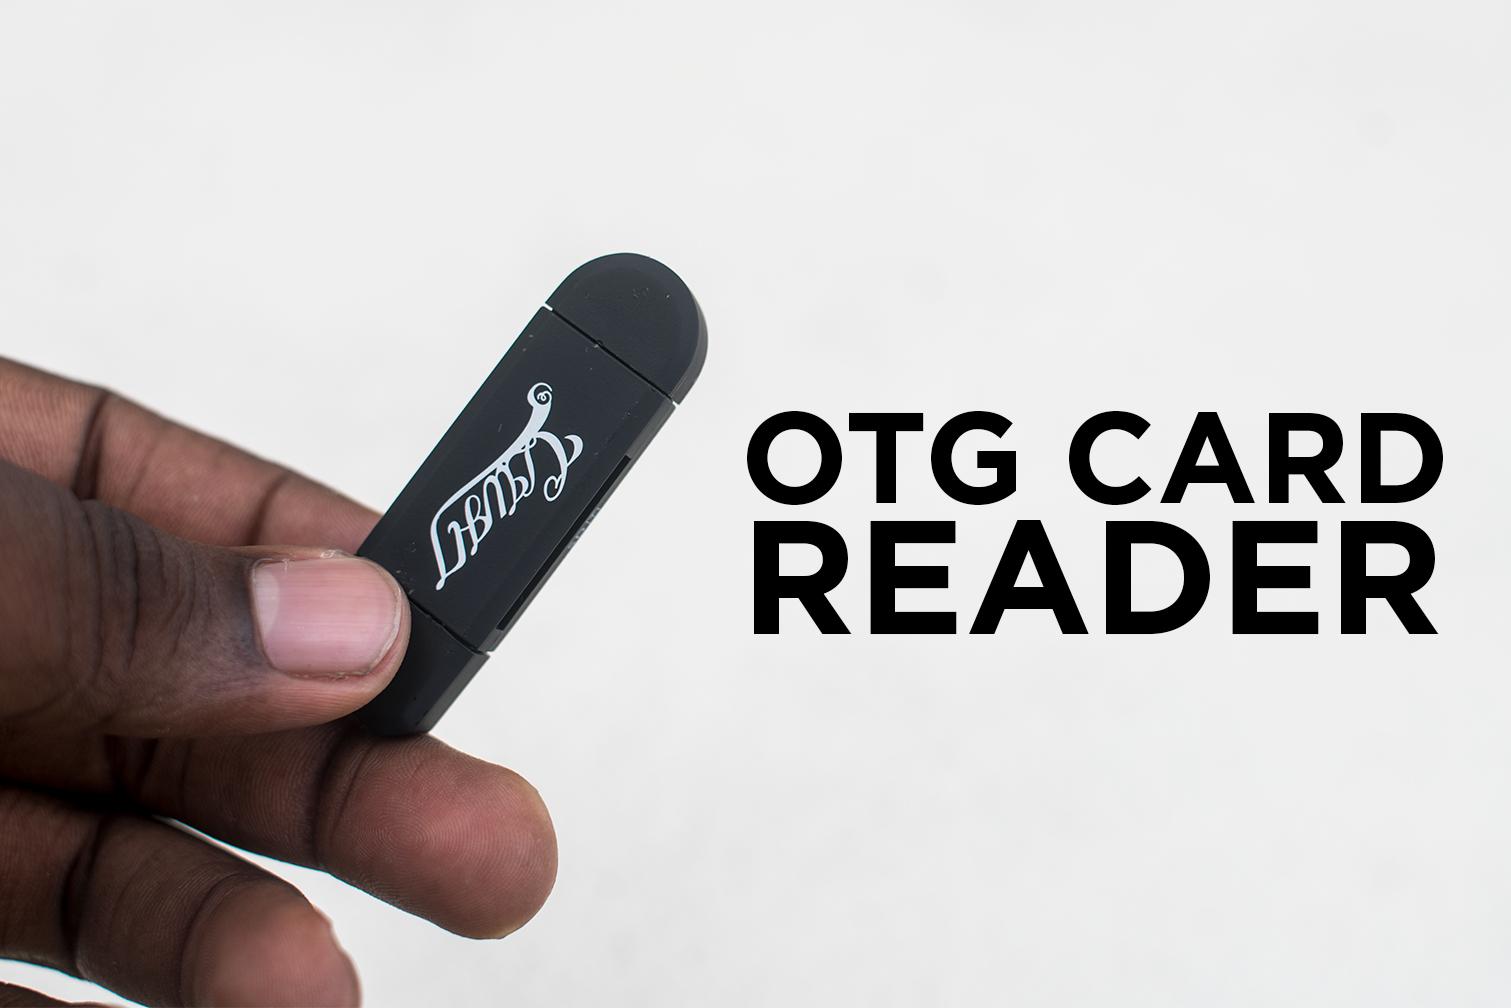 OTG Card Reader.jpg